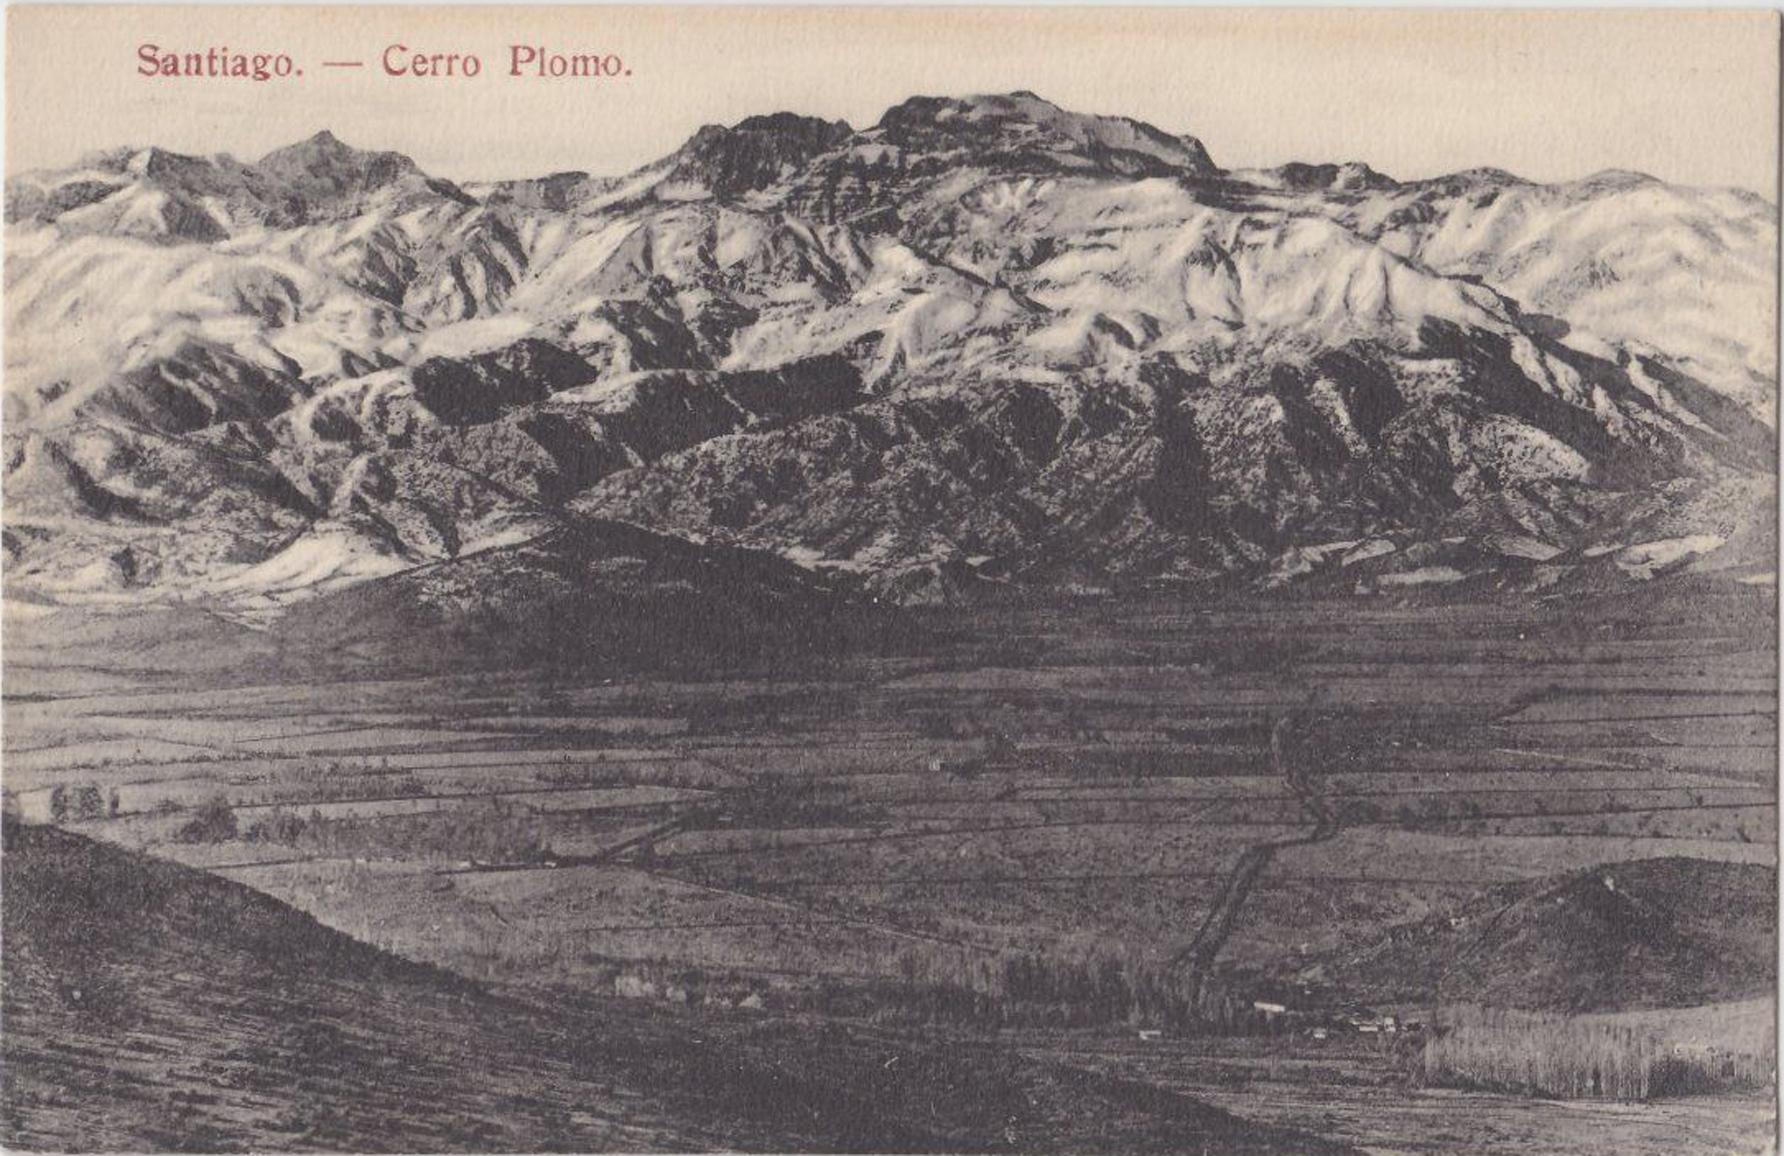 Enterreno - Fotos históricas de chile - fotos antiguas de Chile - Las Condes hacia 1910